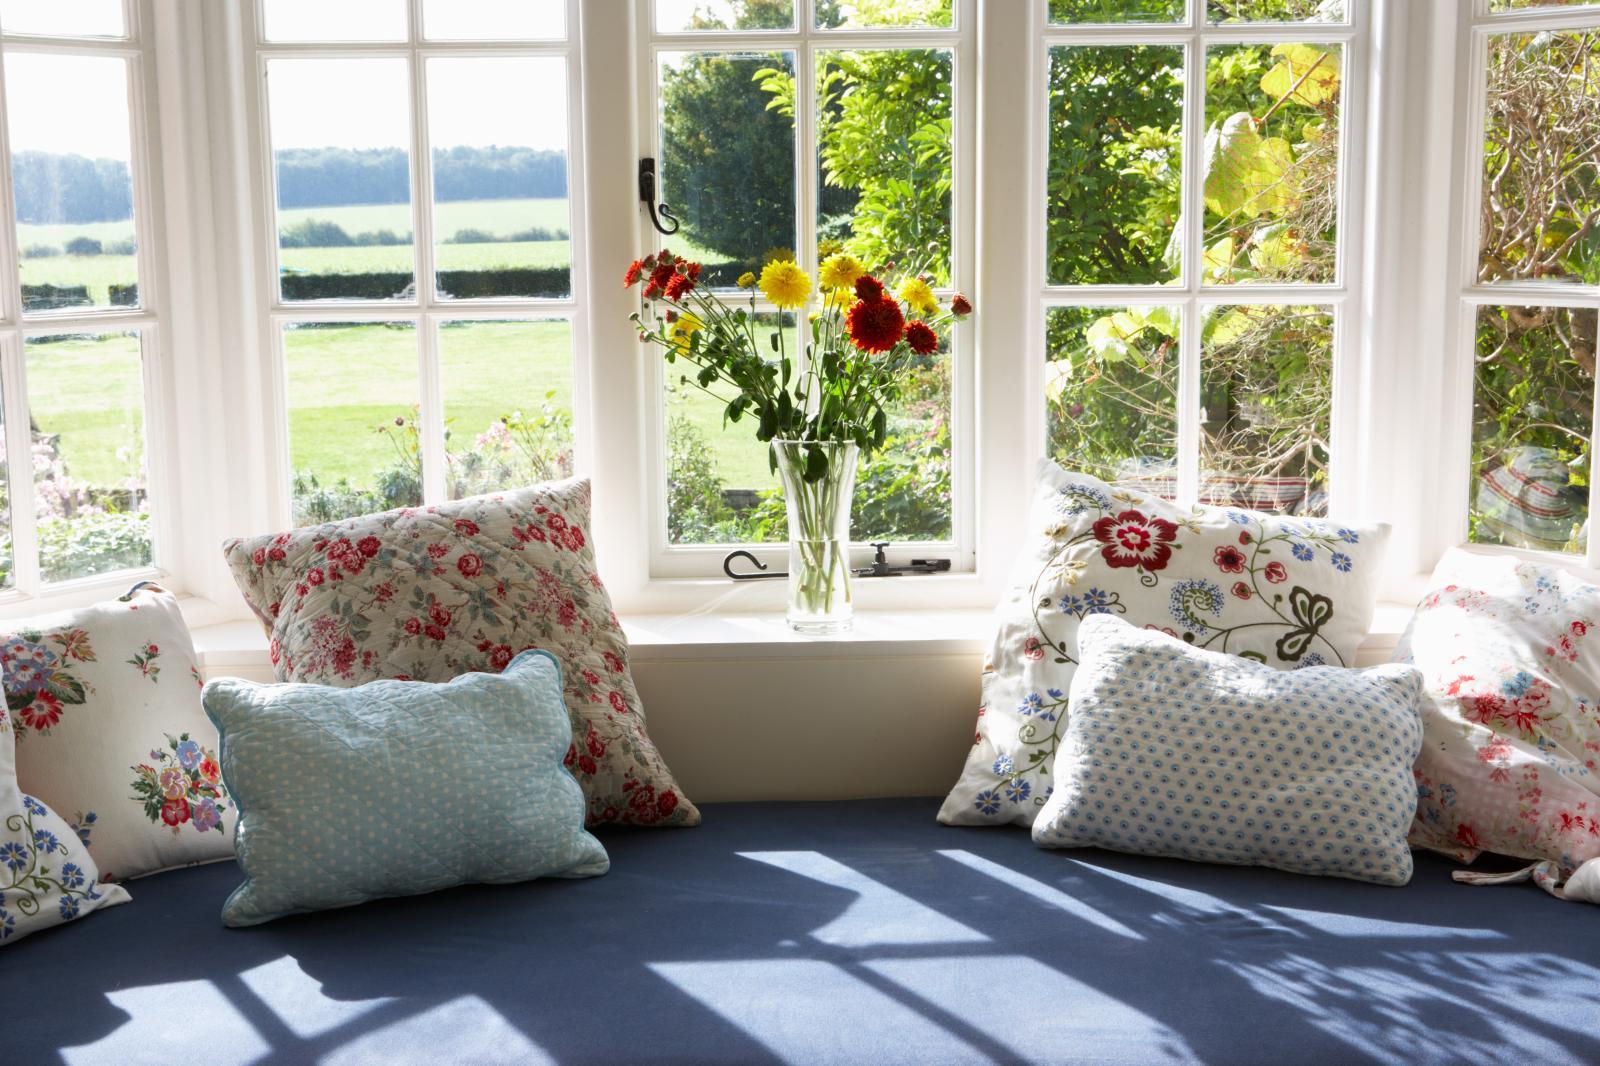 Ghế sofa có nhiều gối ôm đặt cạnh khung cửa sổ kính trắng nhìn ra bãi cõ, lọ hoa nhiều màu.